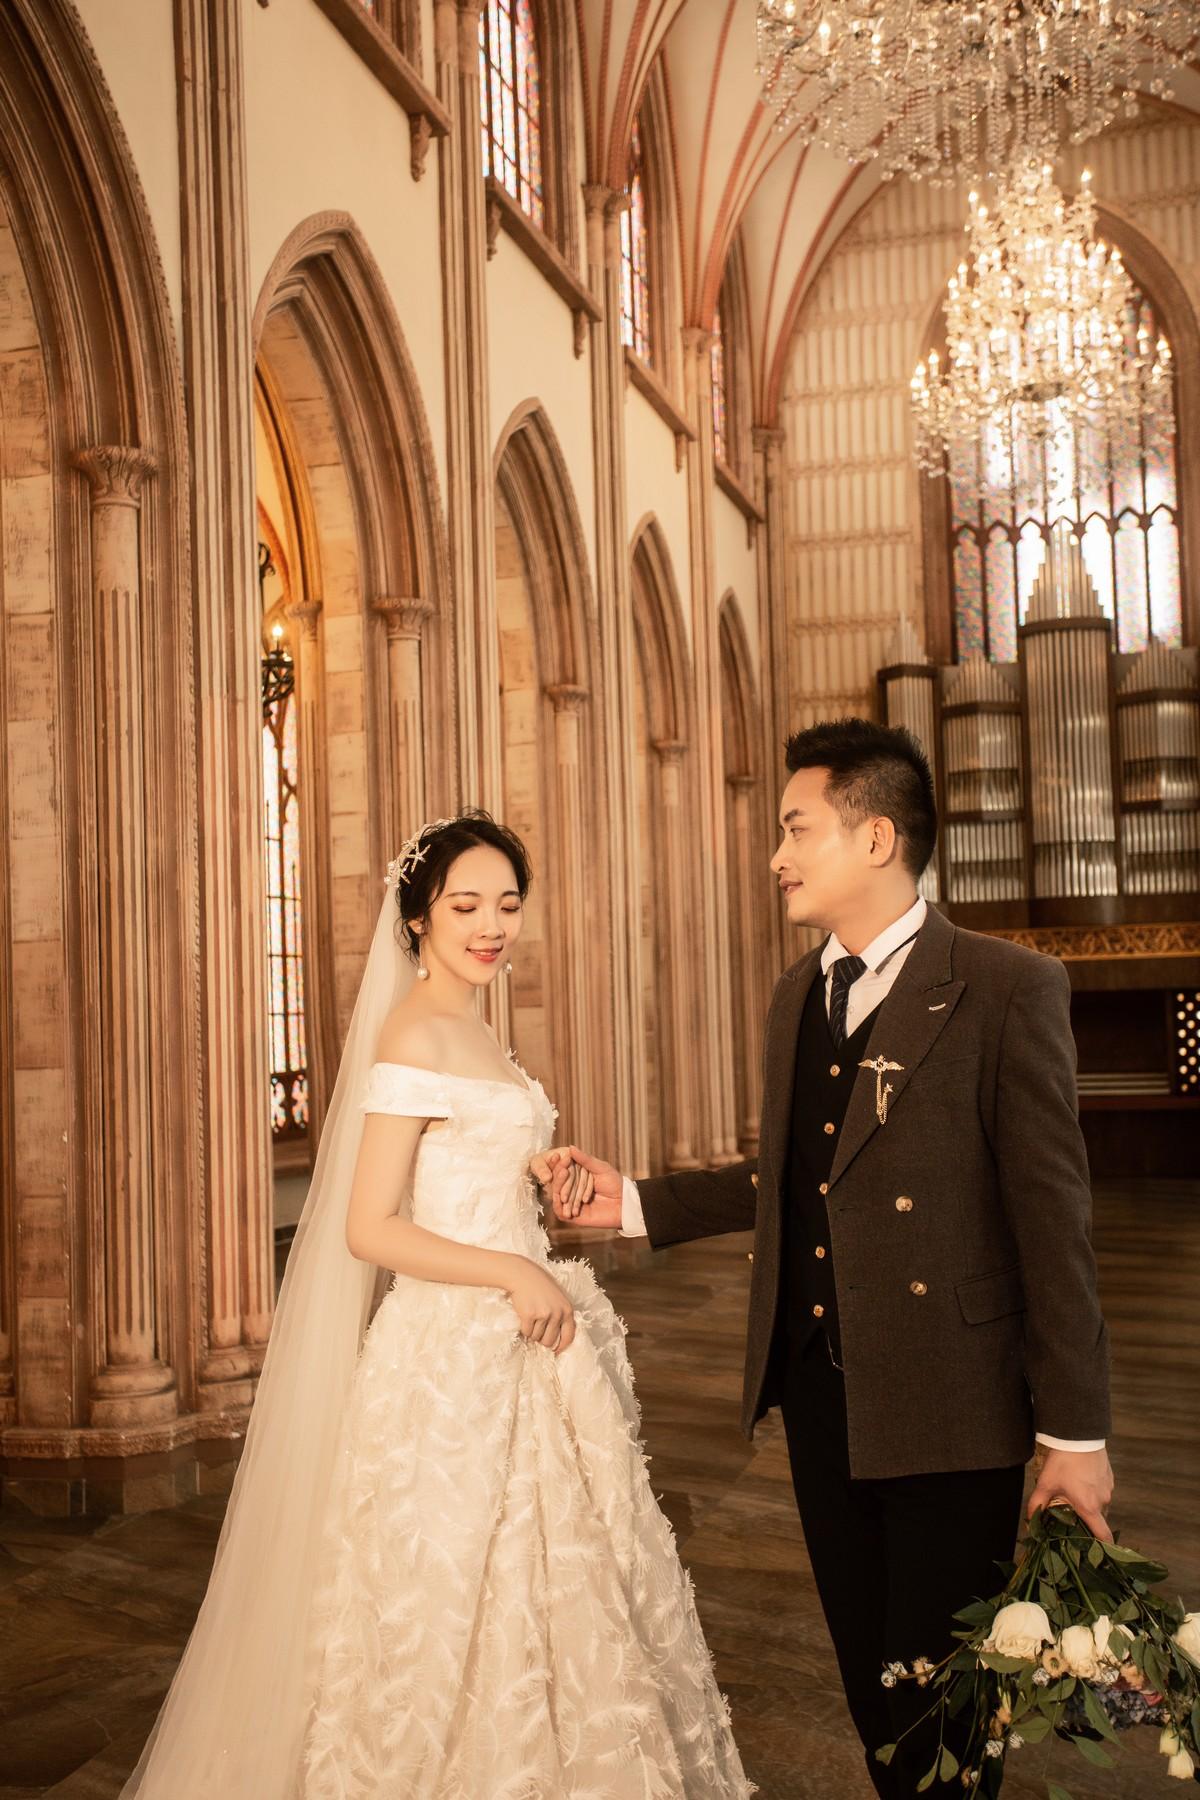 東莞宮廷式婚紗照